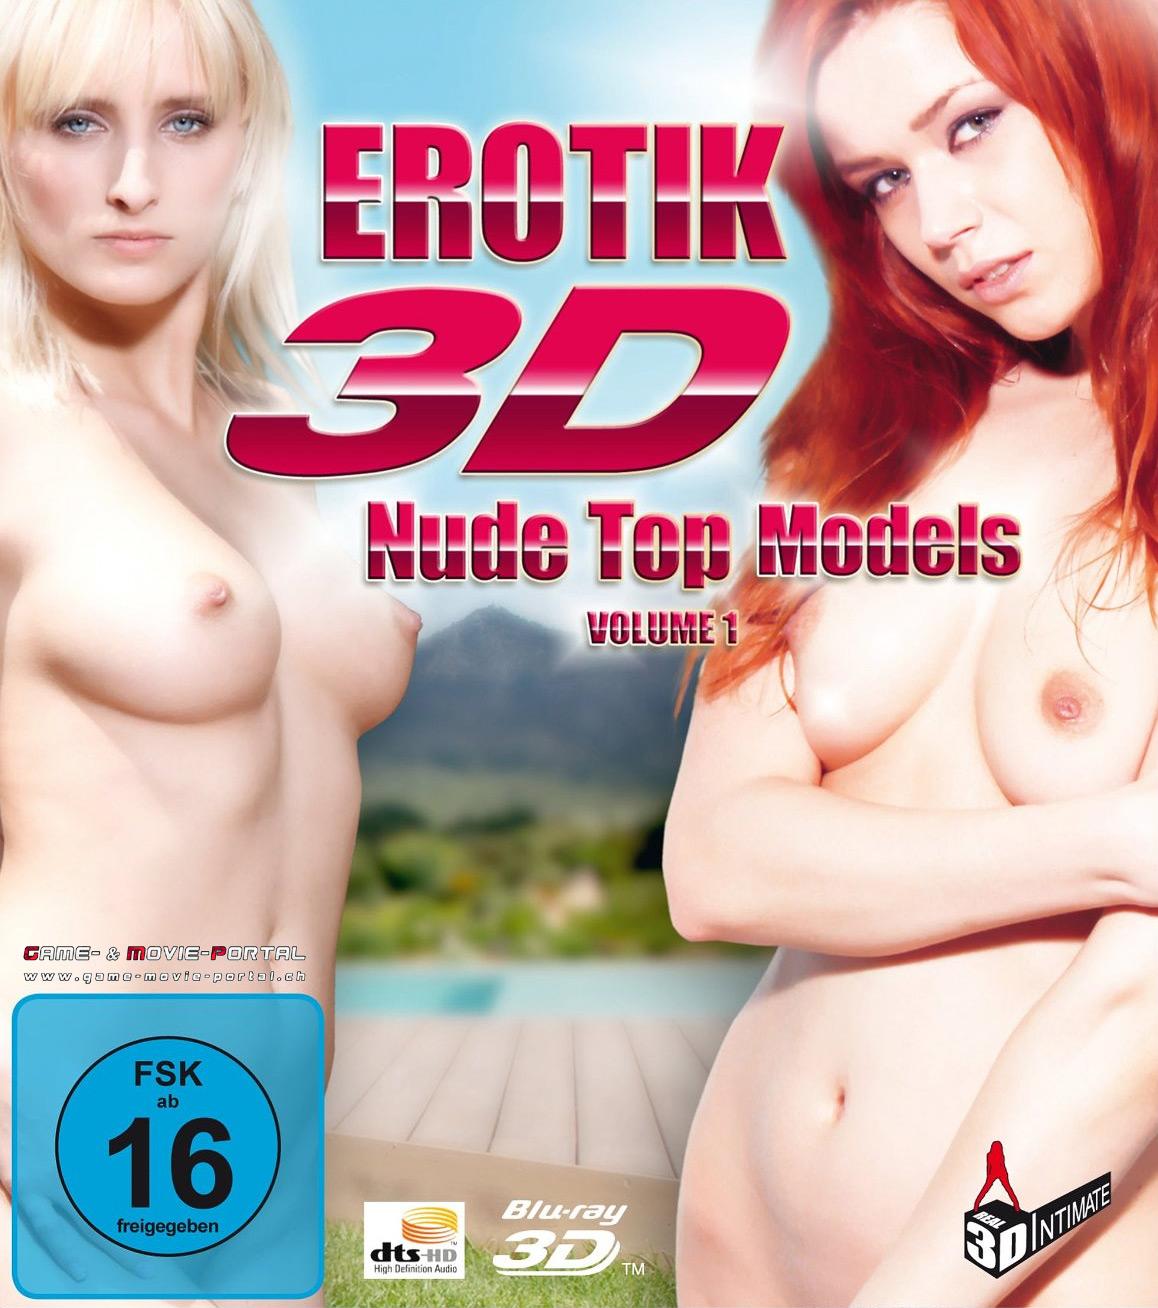 lederhosen fetisch 3d filme erotik